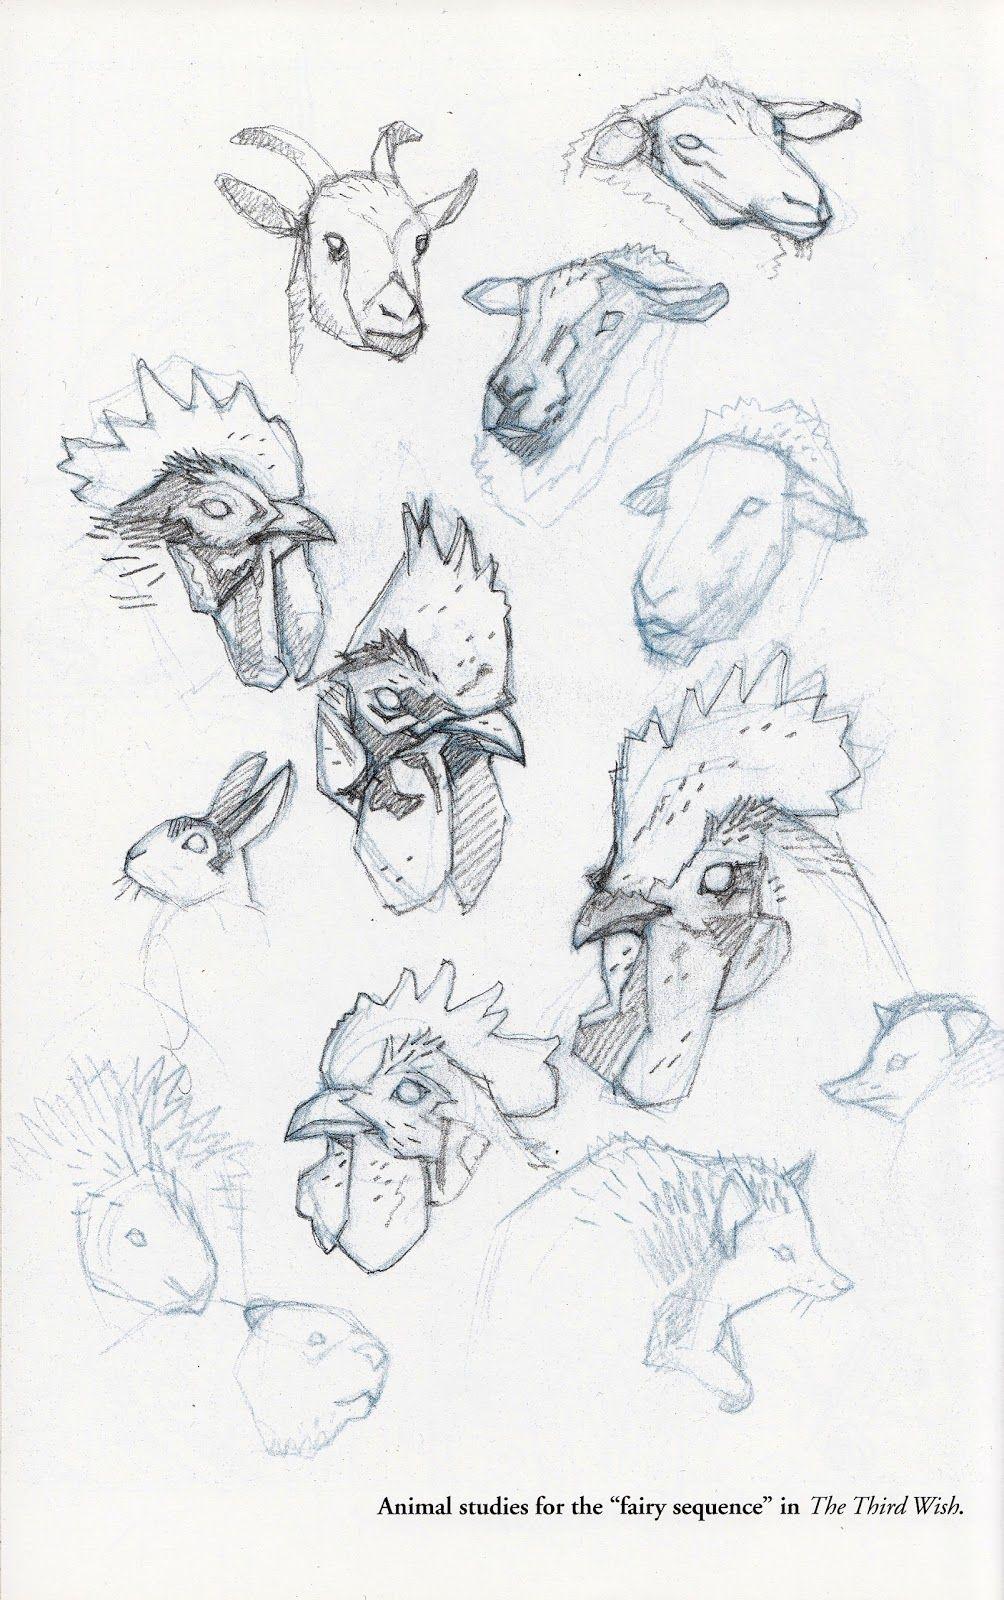 Mike+Mignola+sketches+03.jpg (1004×1600)